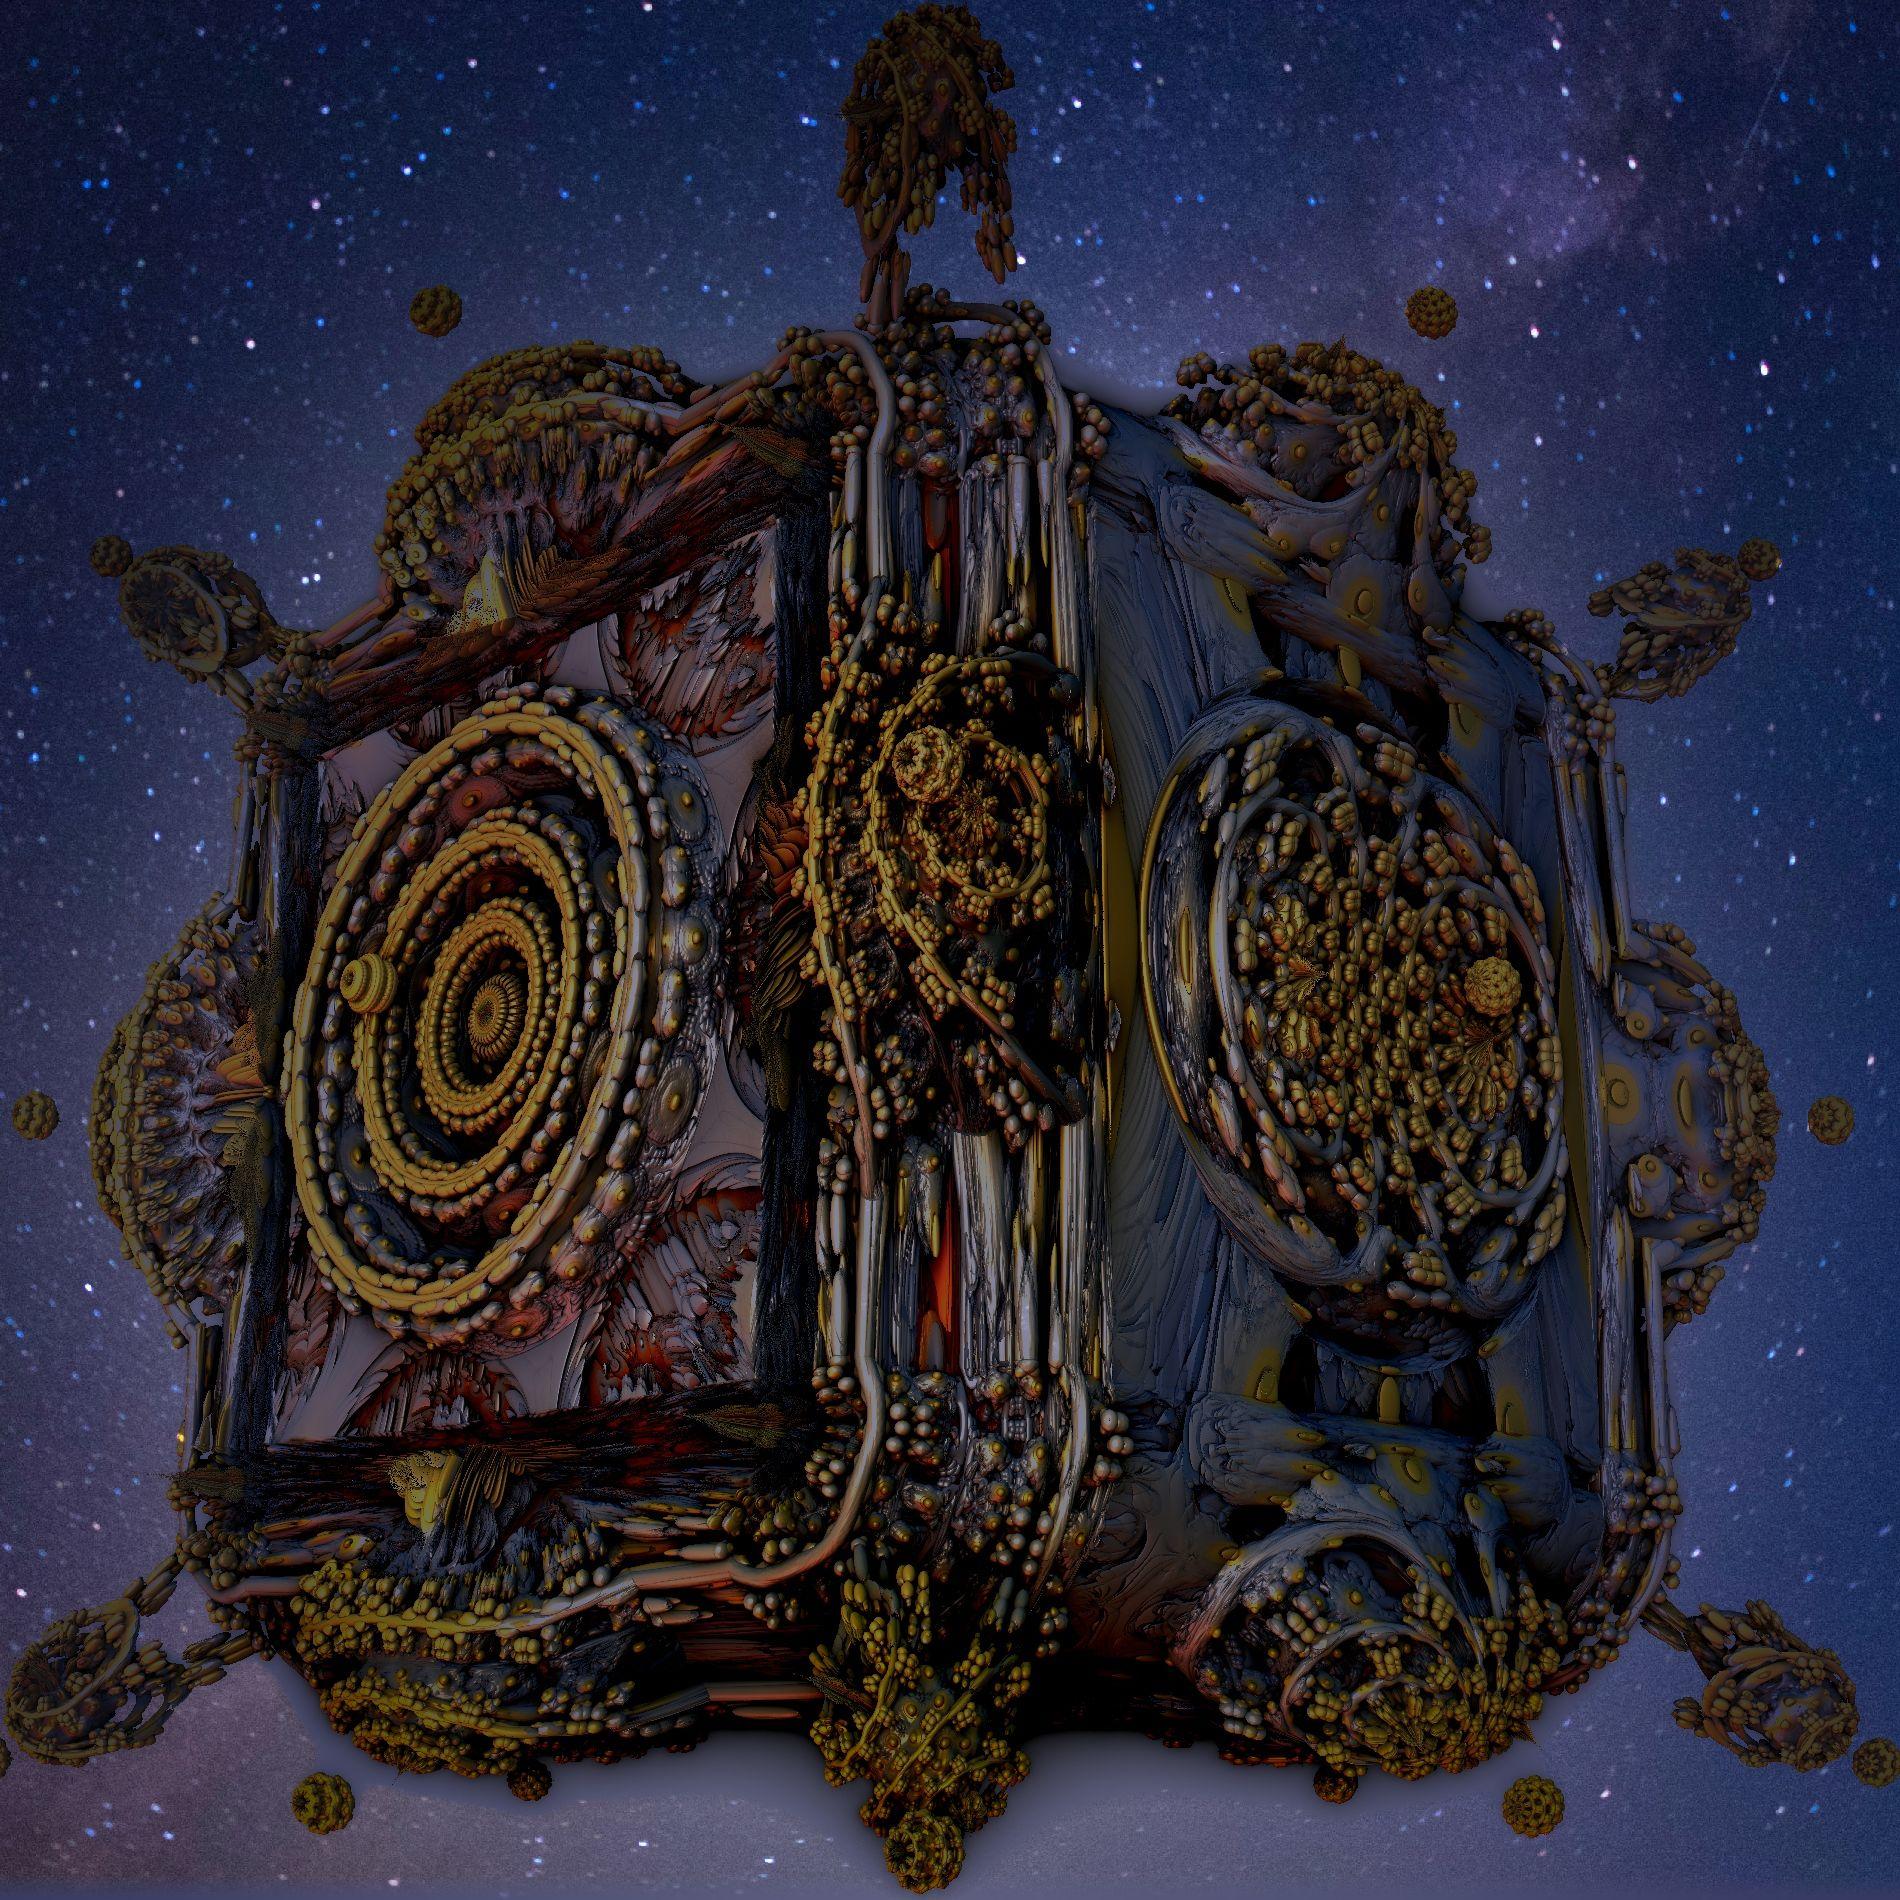 空に浮かぶ神秘的な寺院&ミステリアス:宇宙